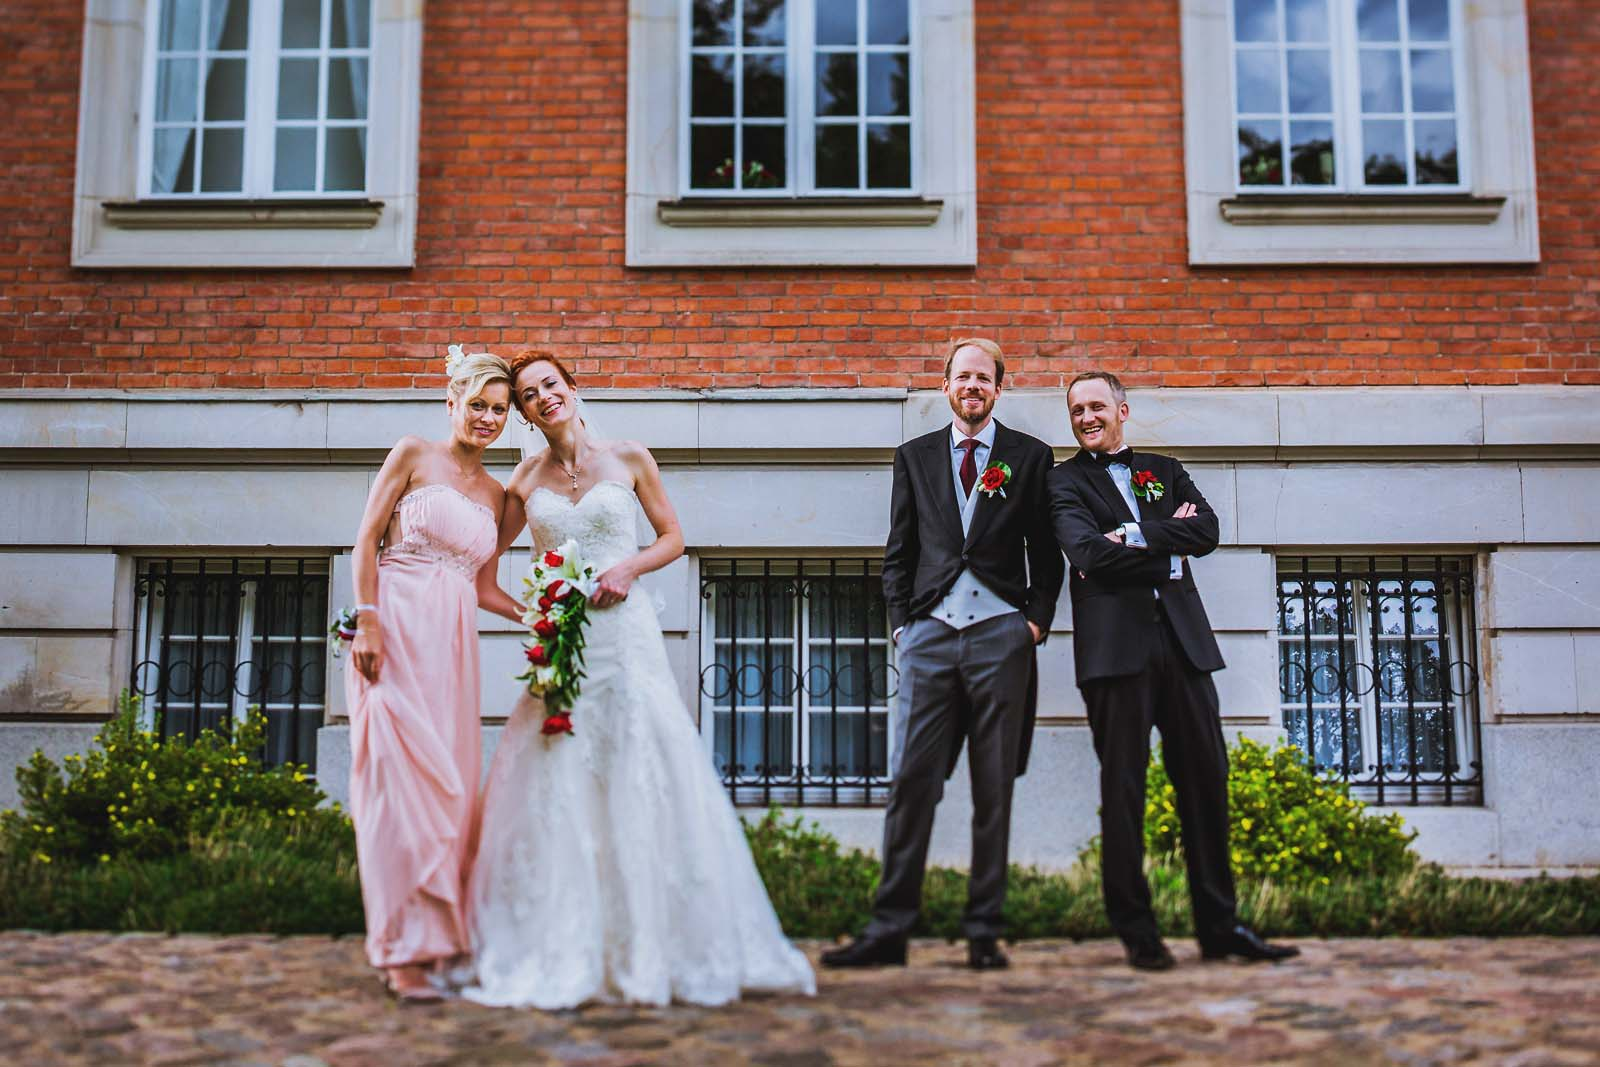 Hochzeitsfotograf mit Brautpaar am Schloss Karow Copyright by Hochzeitsfotograf www.berliner-hochzeitsfotografie.de